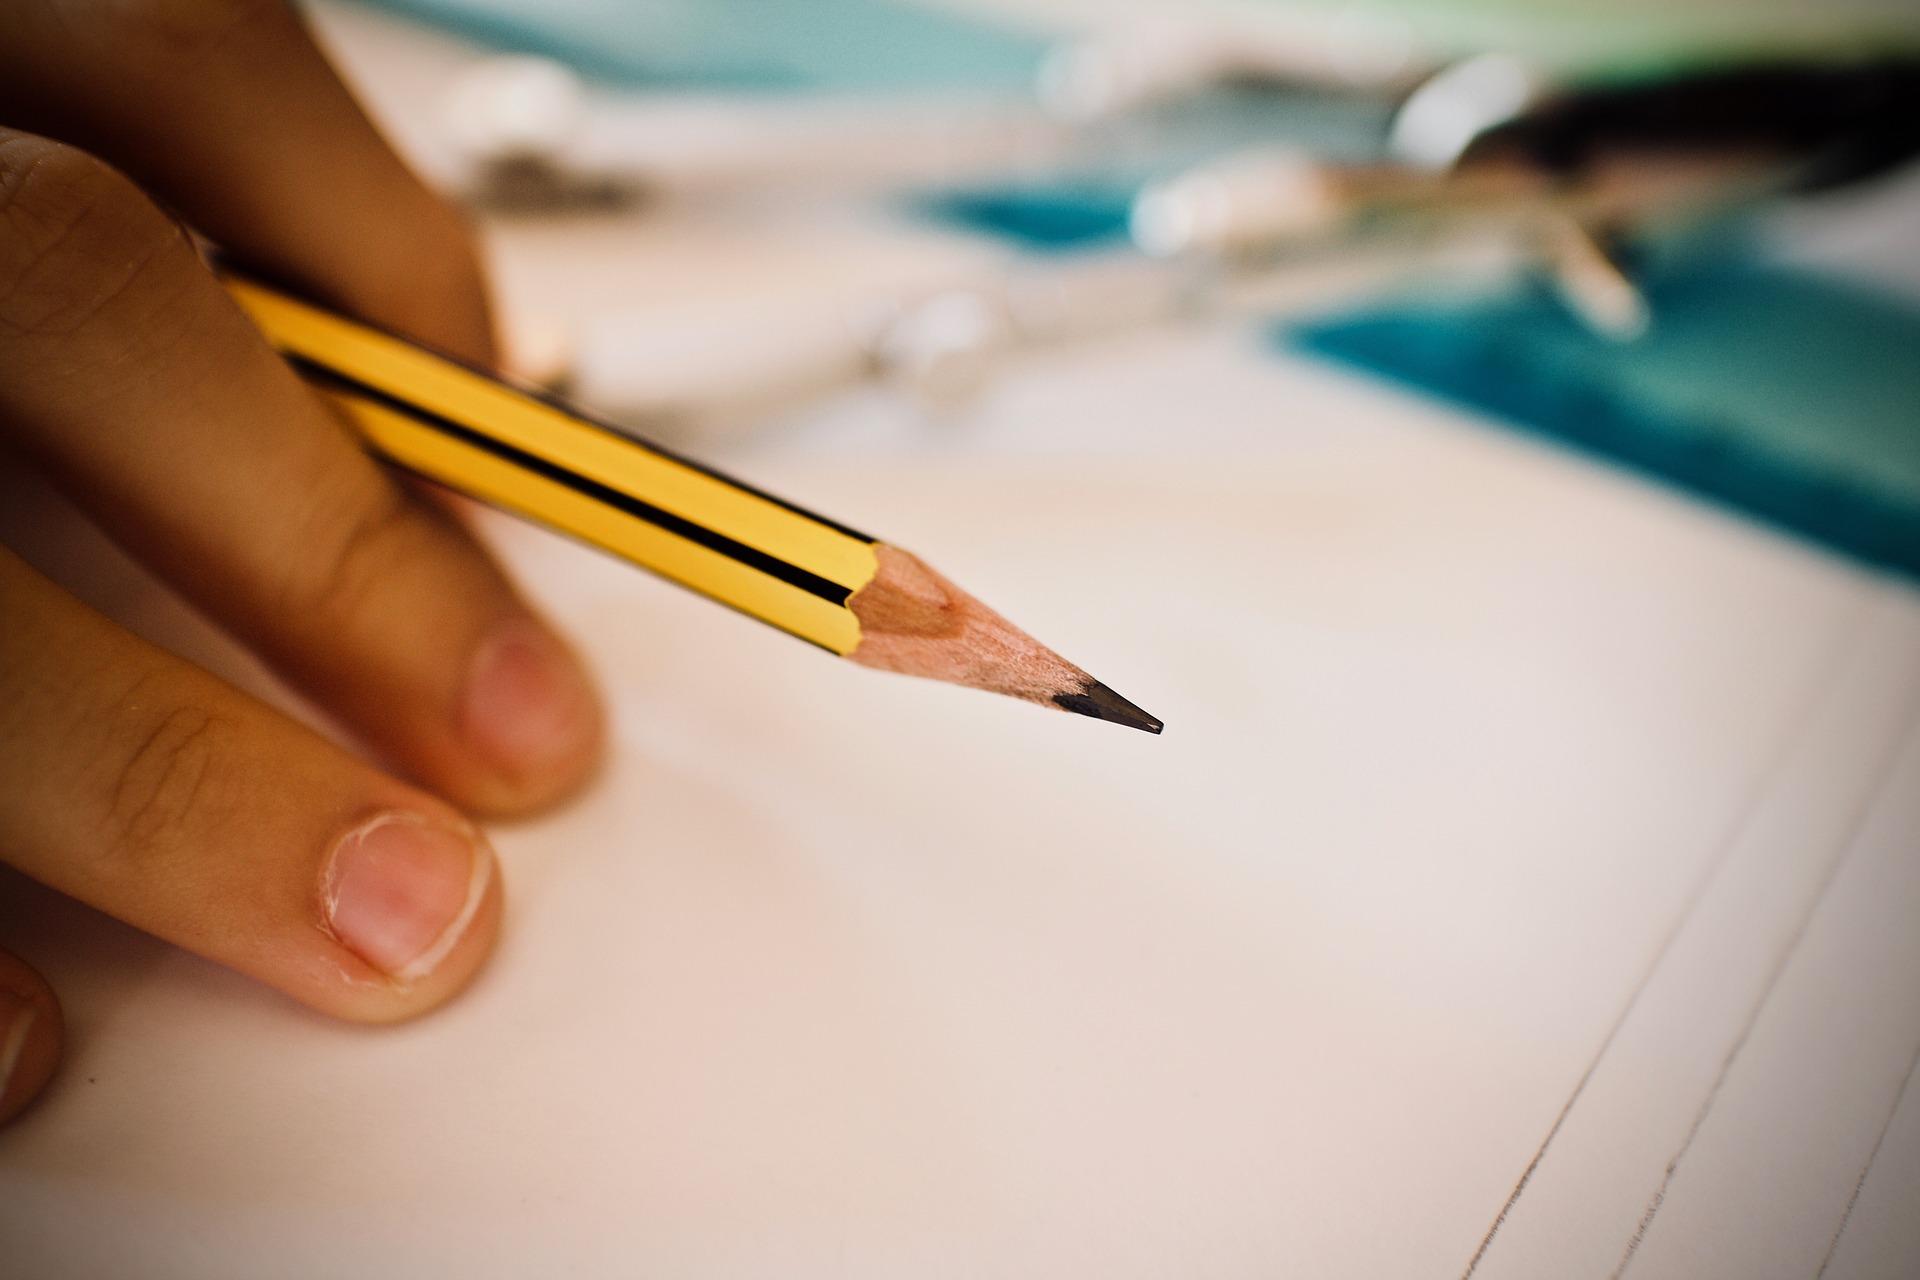 pencil-3744153_1920